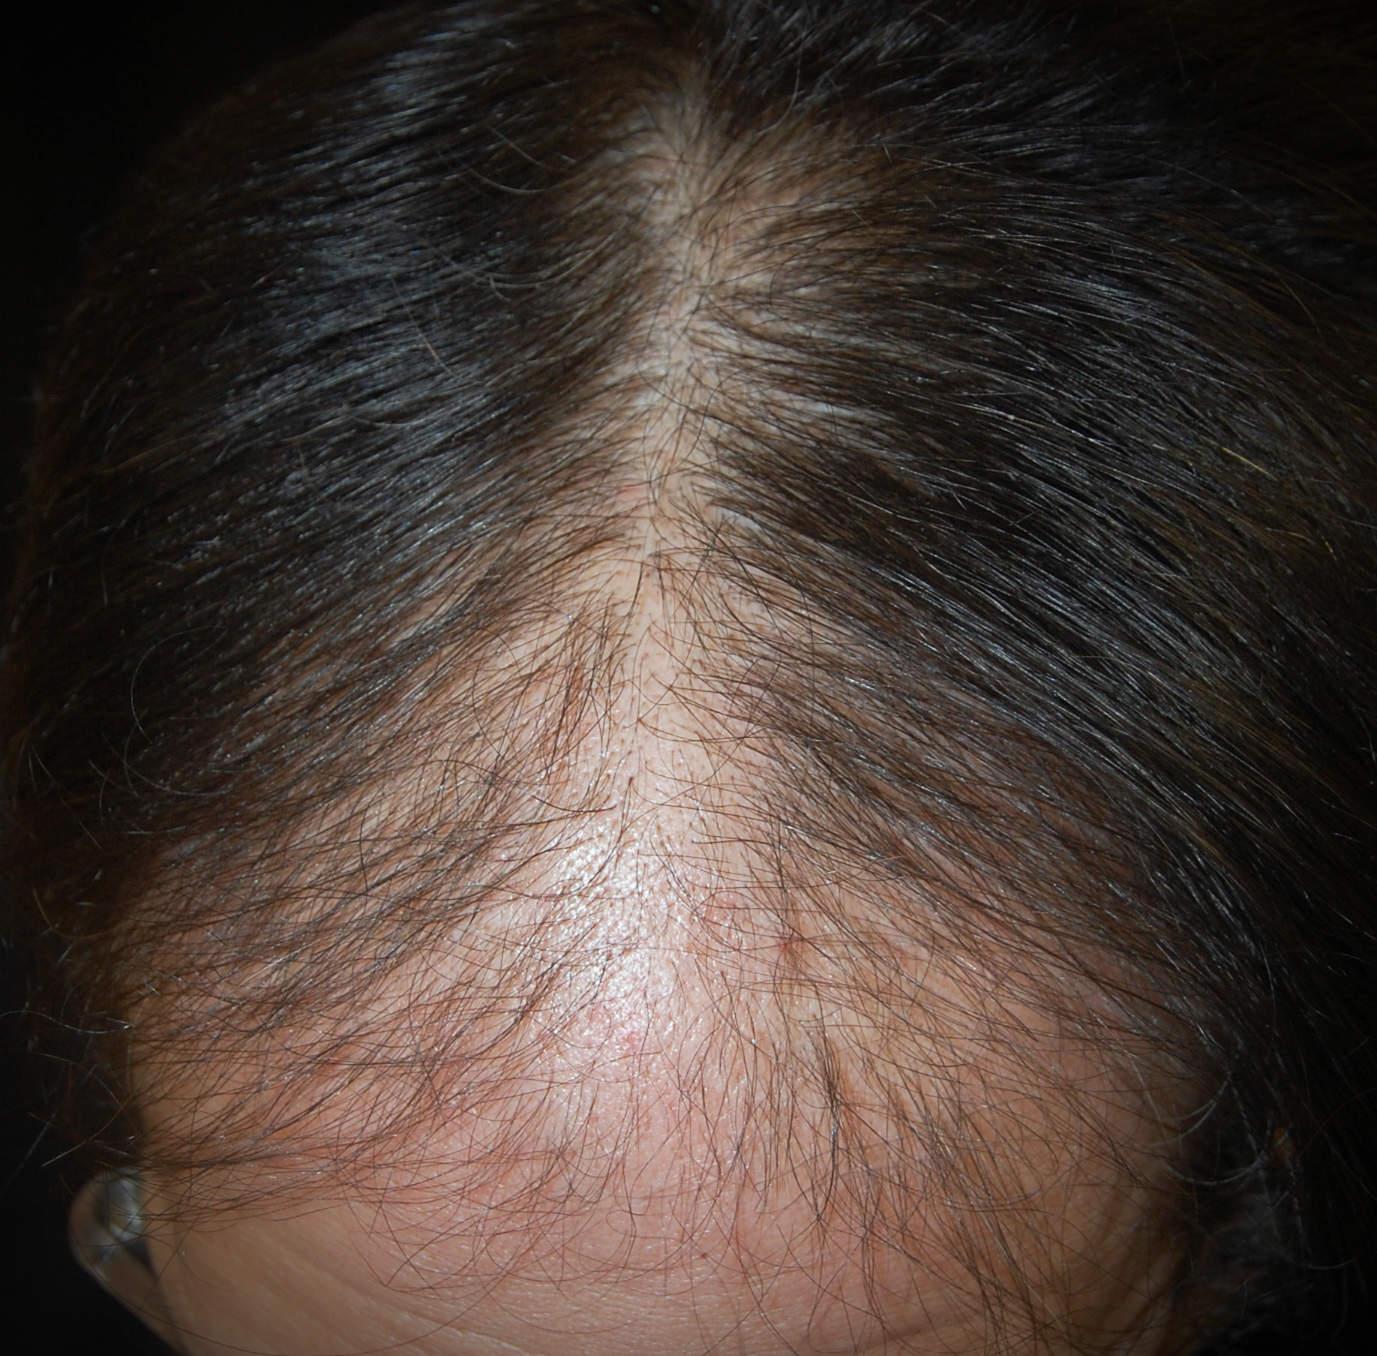 Alopecia androgenetica maschile: a volte è colpita la zona anteriore del capo, e il diradamento dei capelli permette di vedere la cute